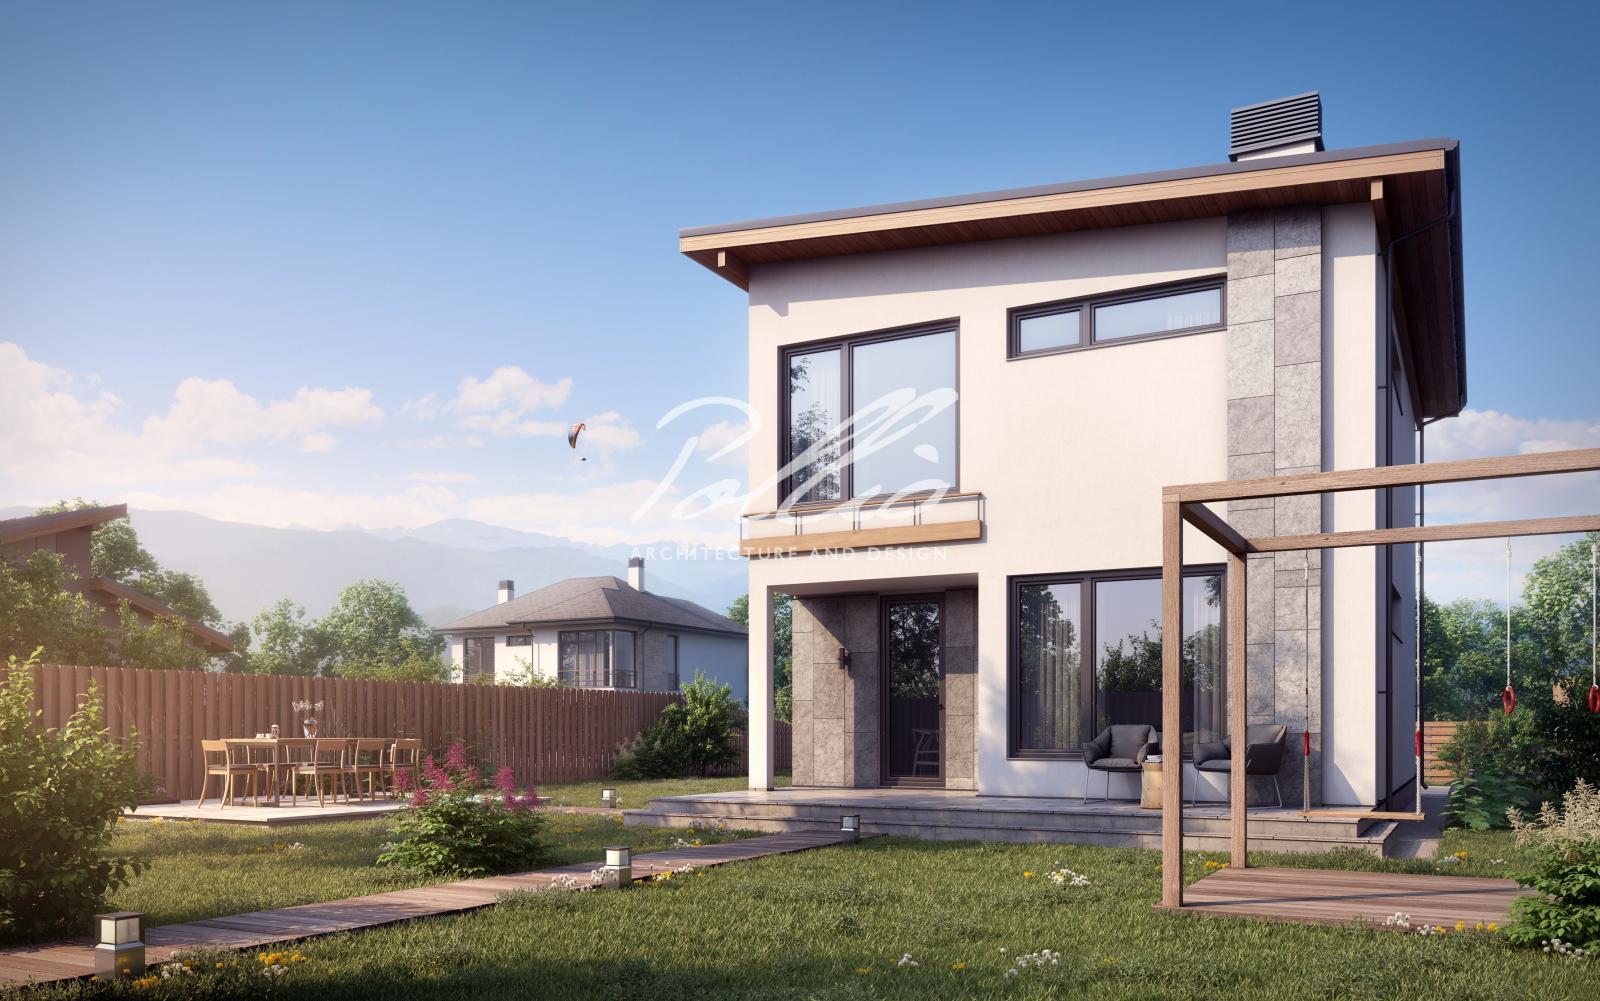 X19 Небольшой и стильный проект двухэтажного дома фото 4